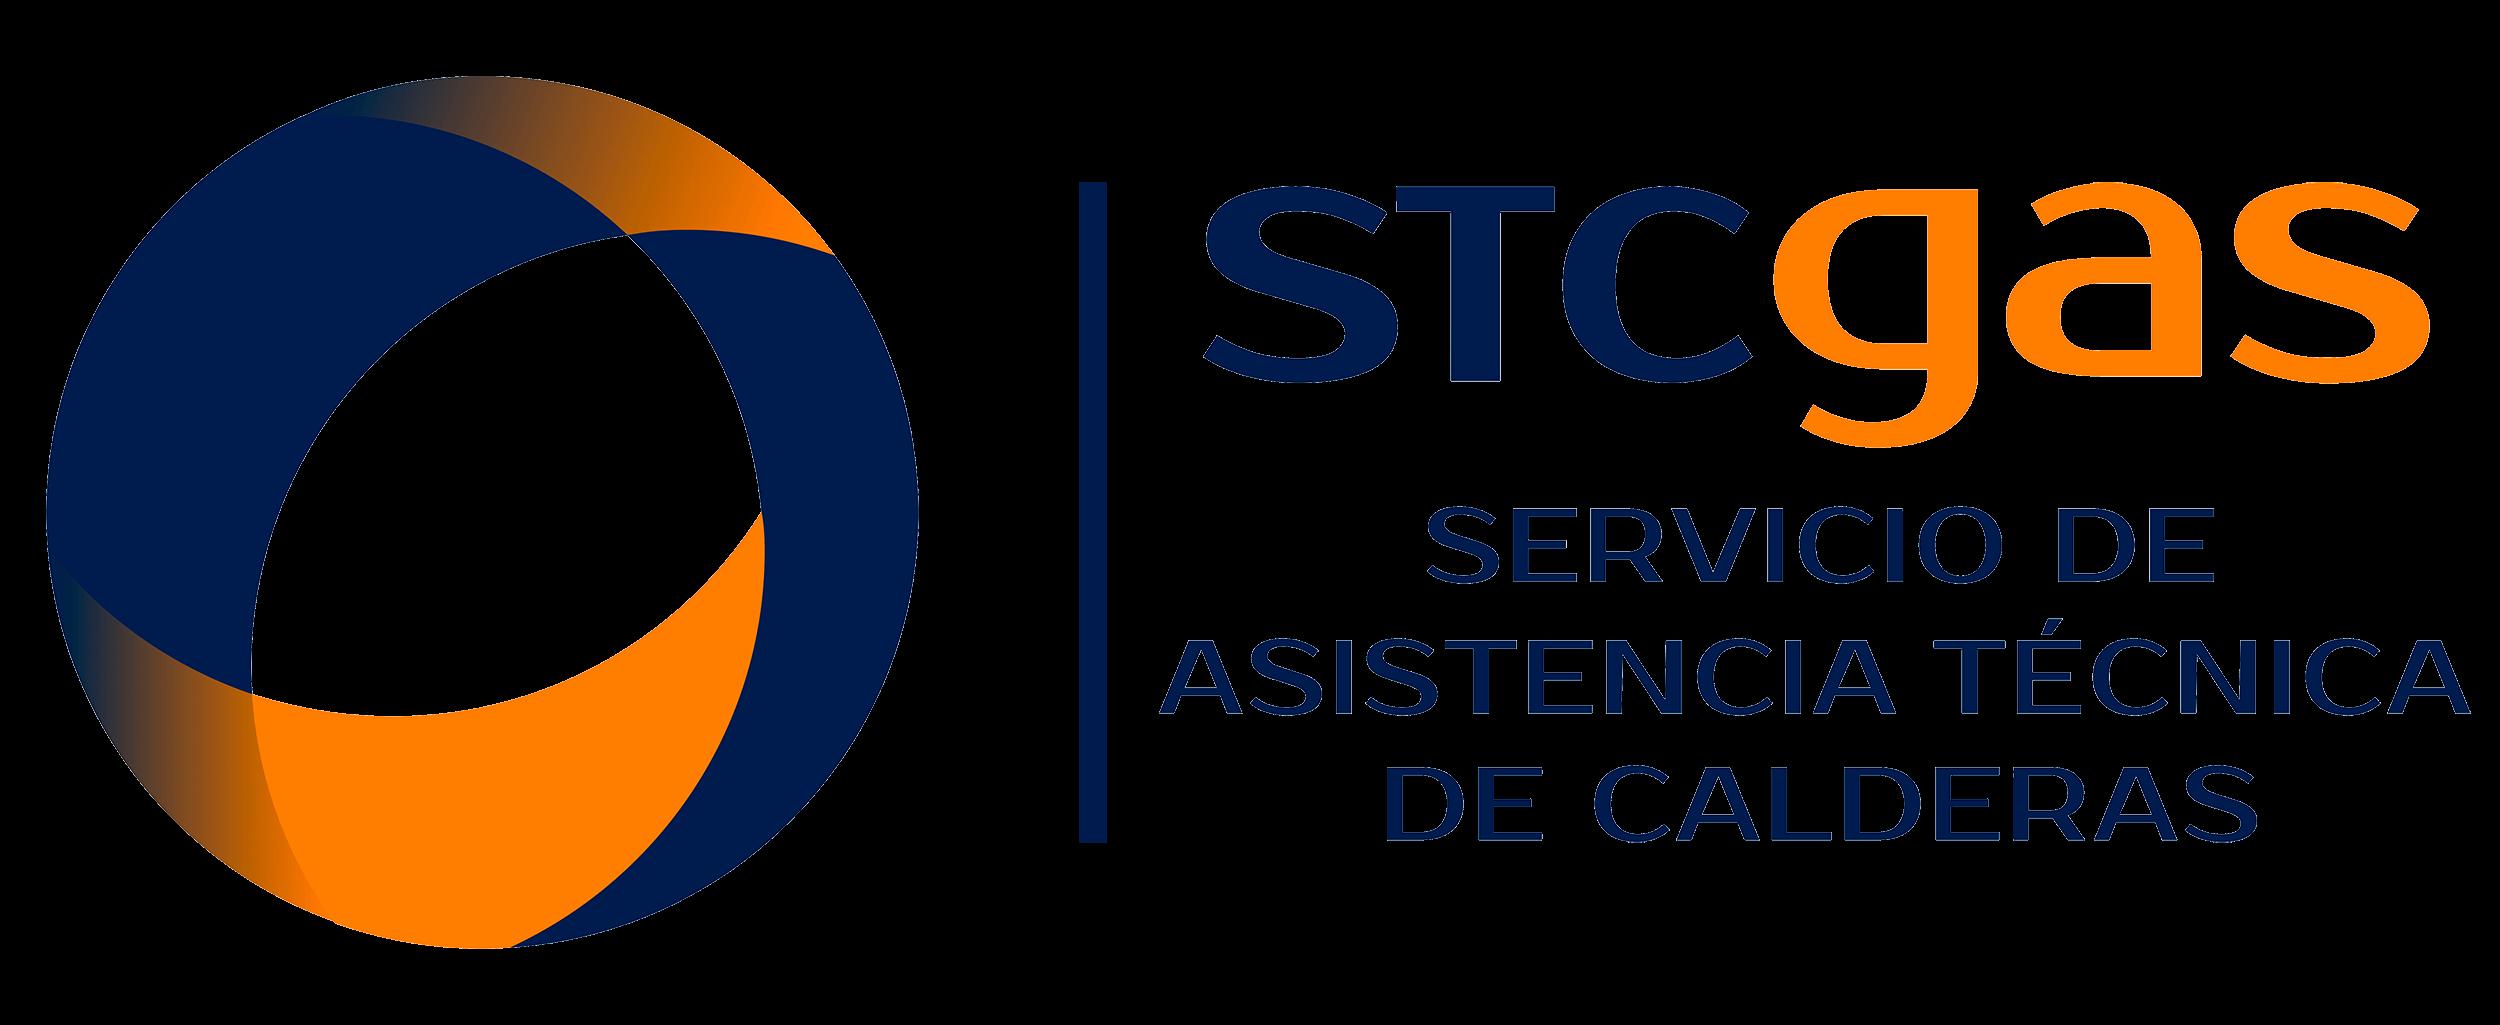 STC Gas